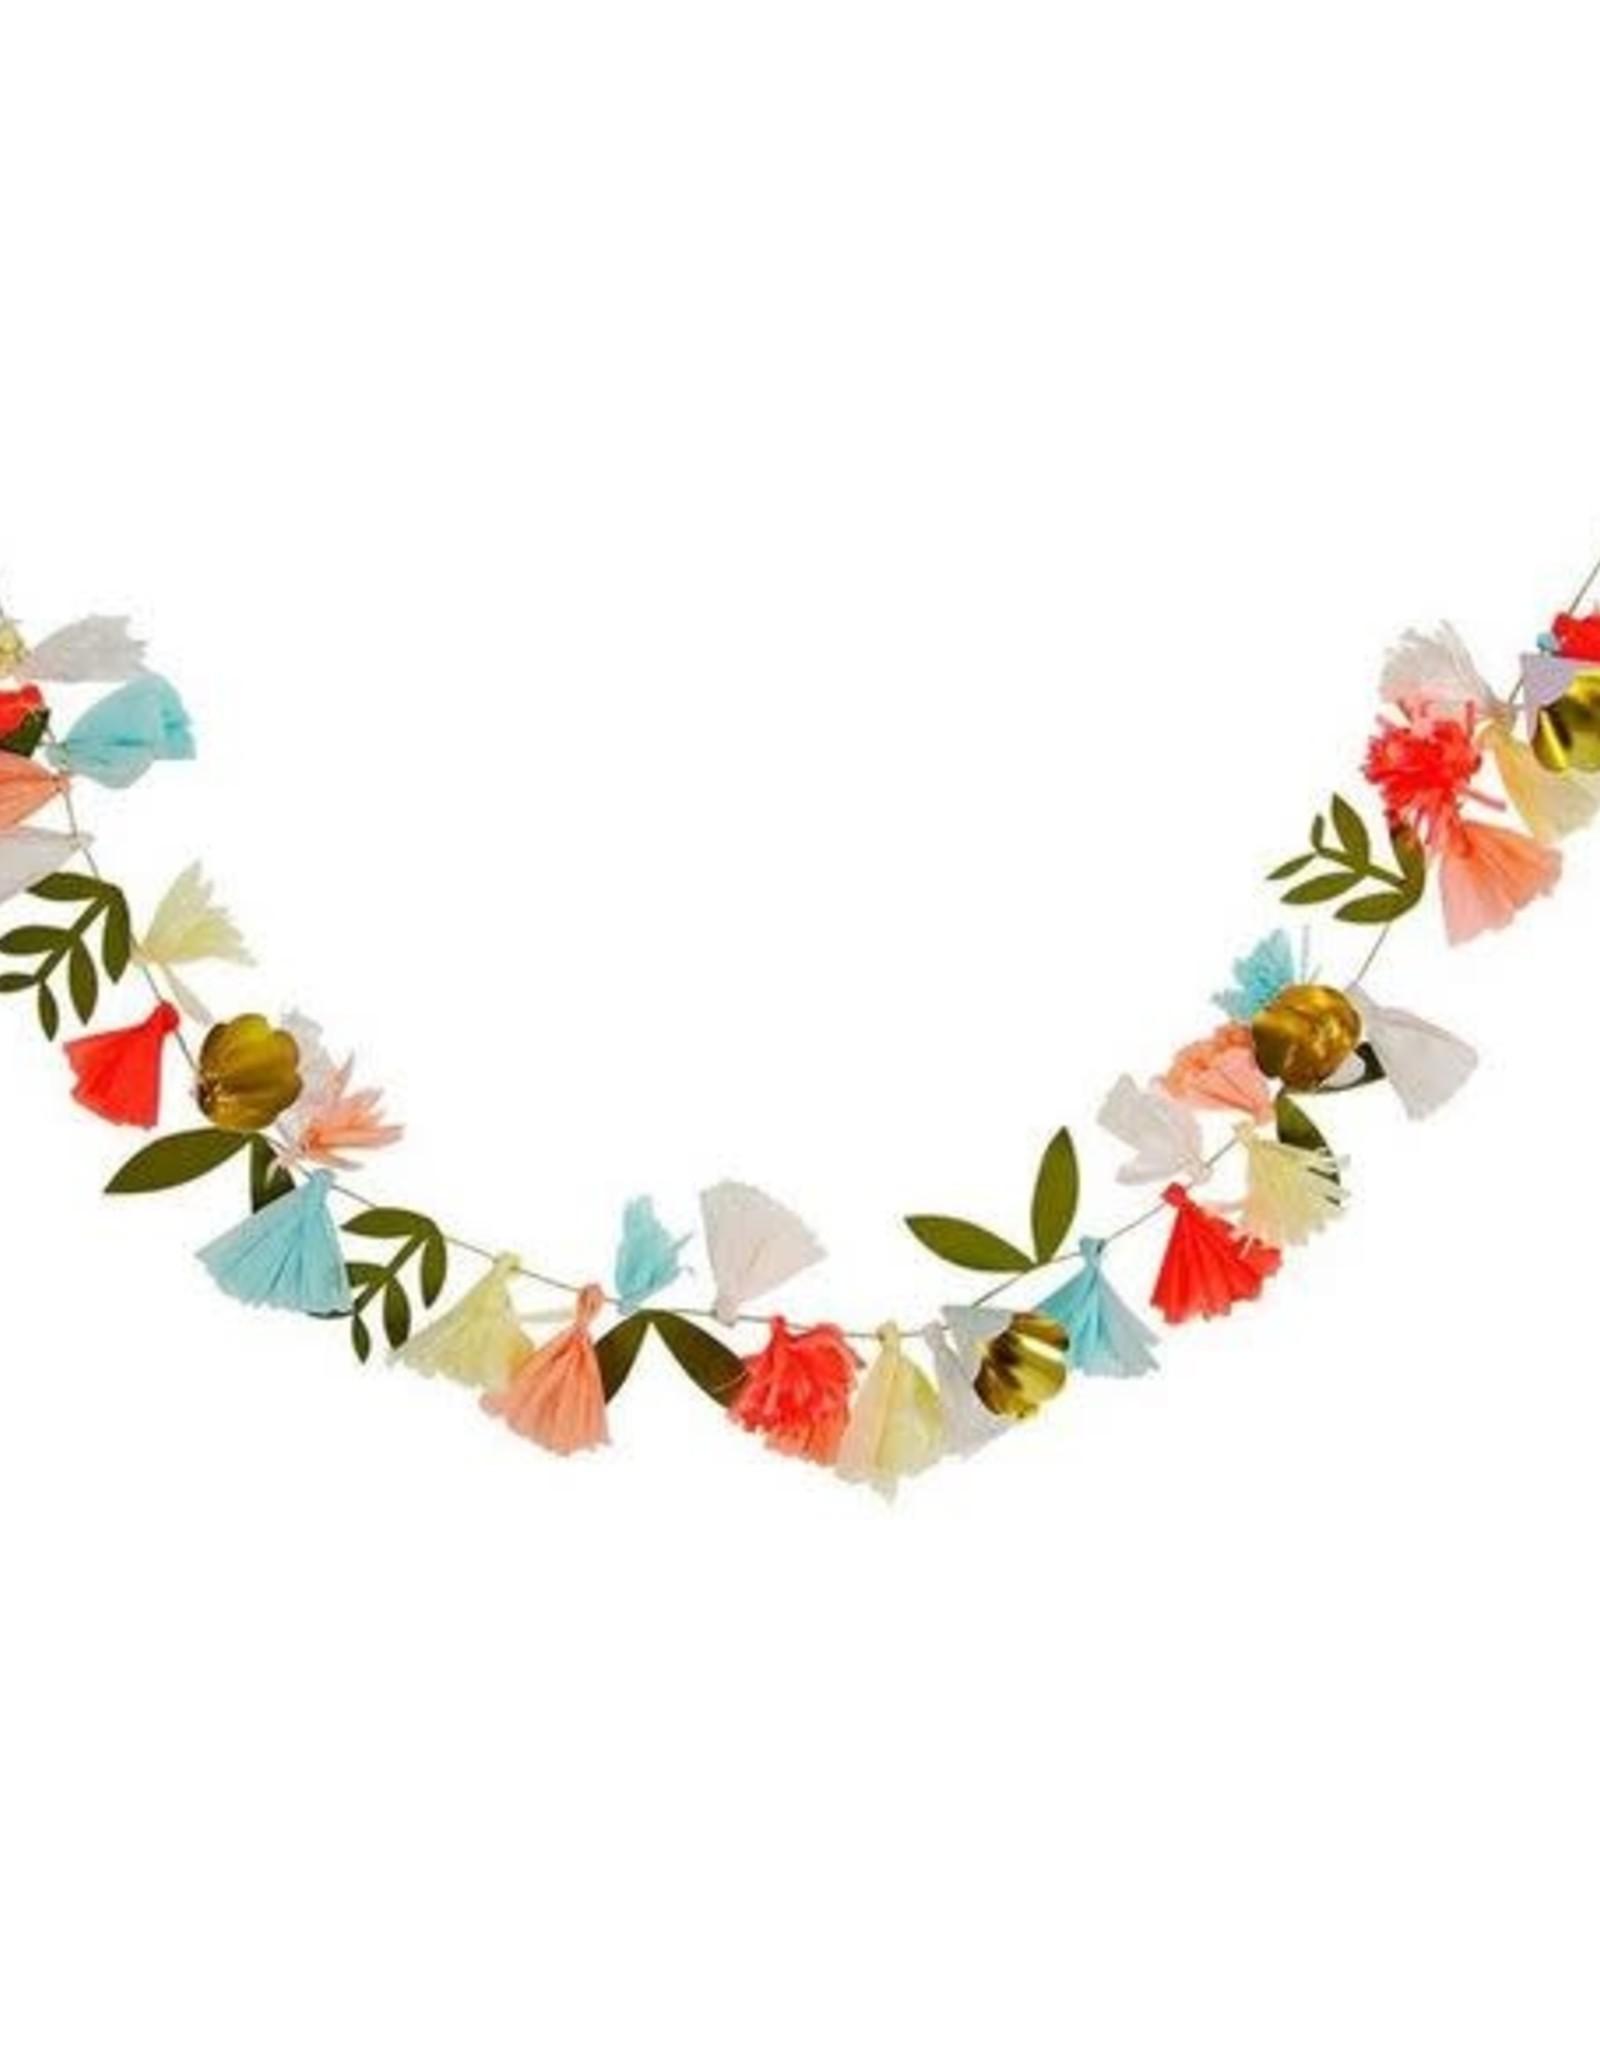 Meri Meri Garland - Flower Bouquet